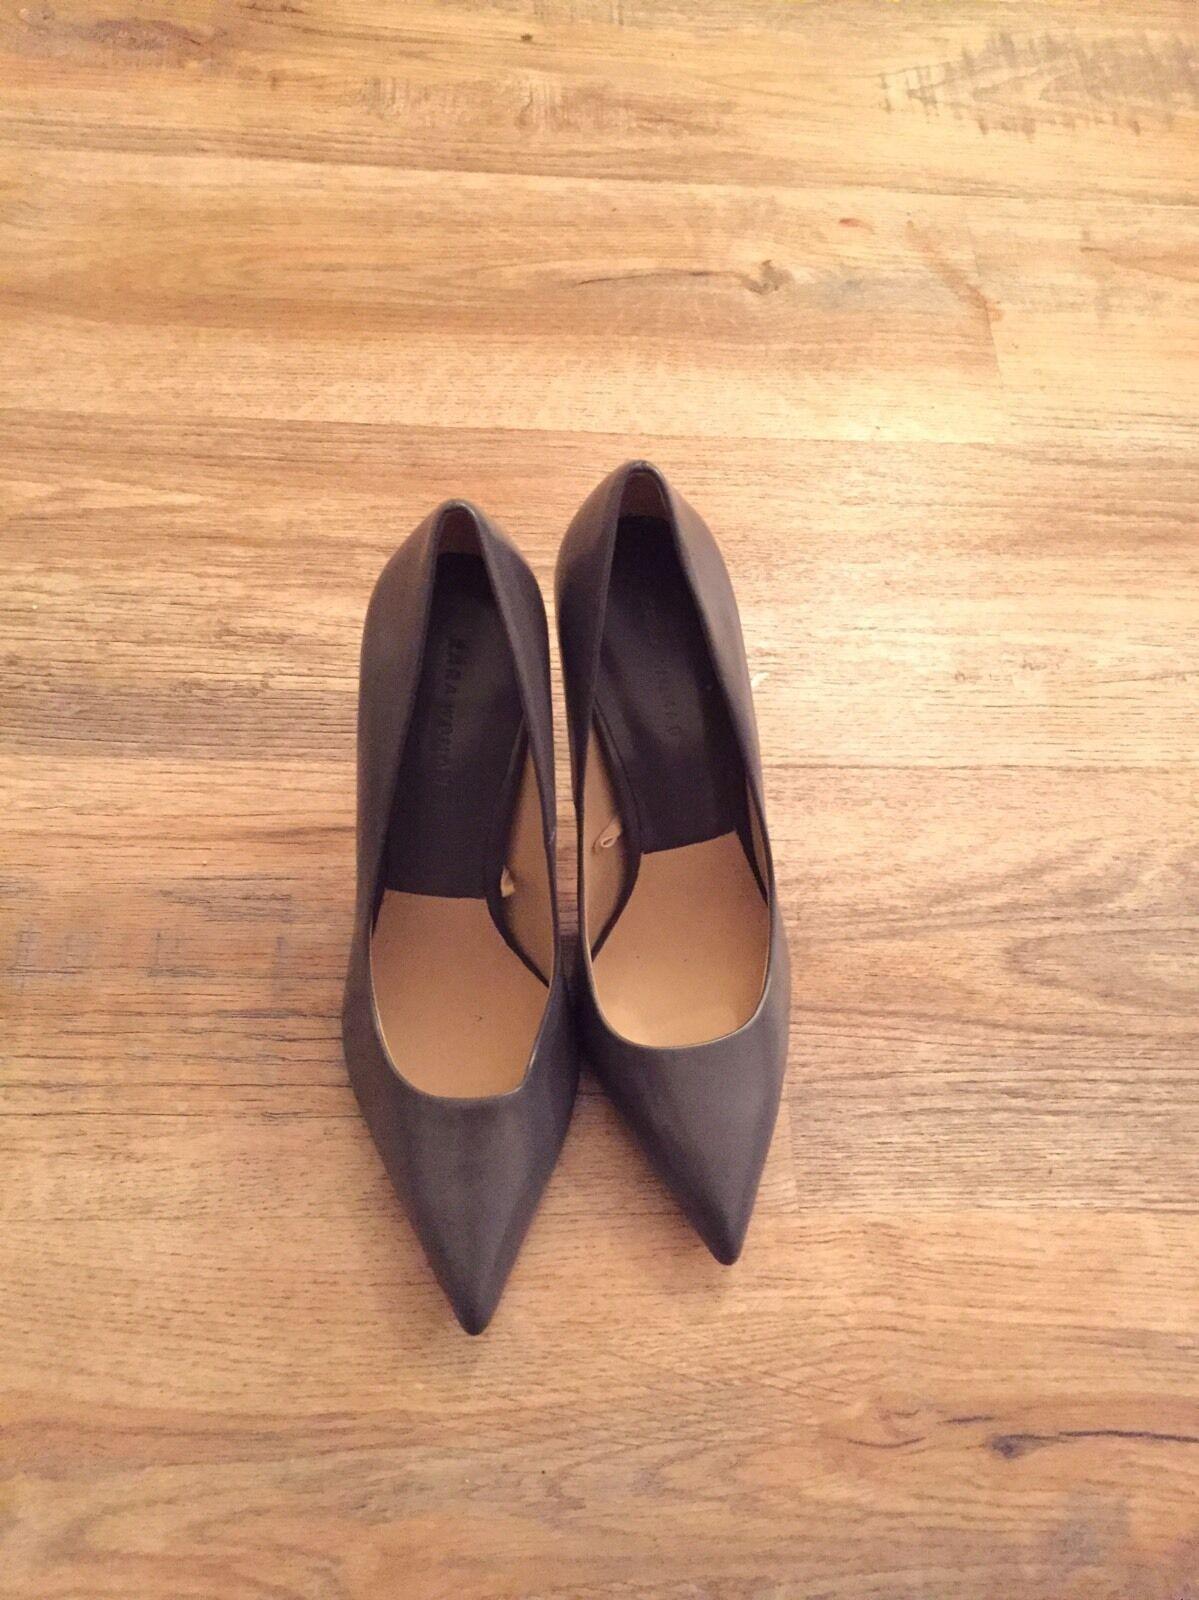 Zara Zapatos Tacón Alto Para Damas Damas Damas gris UK7 EU40  disfrutando de sus compras